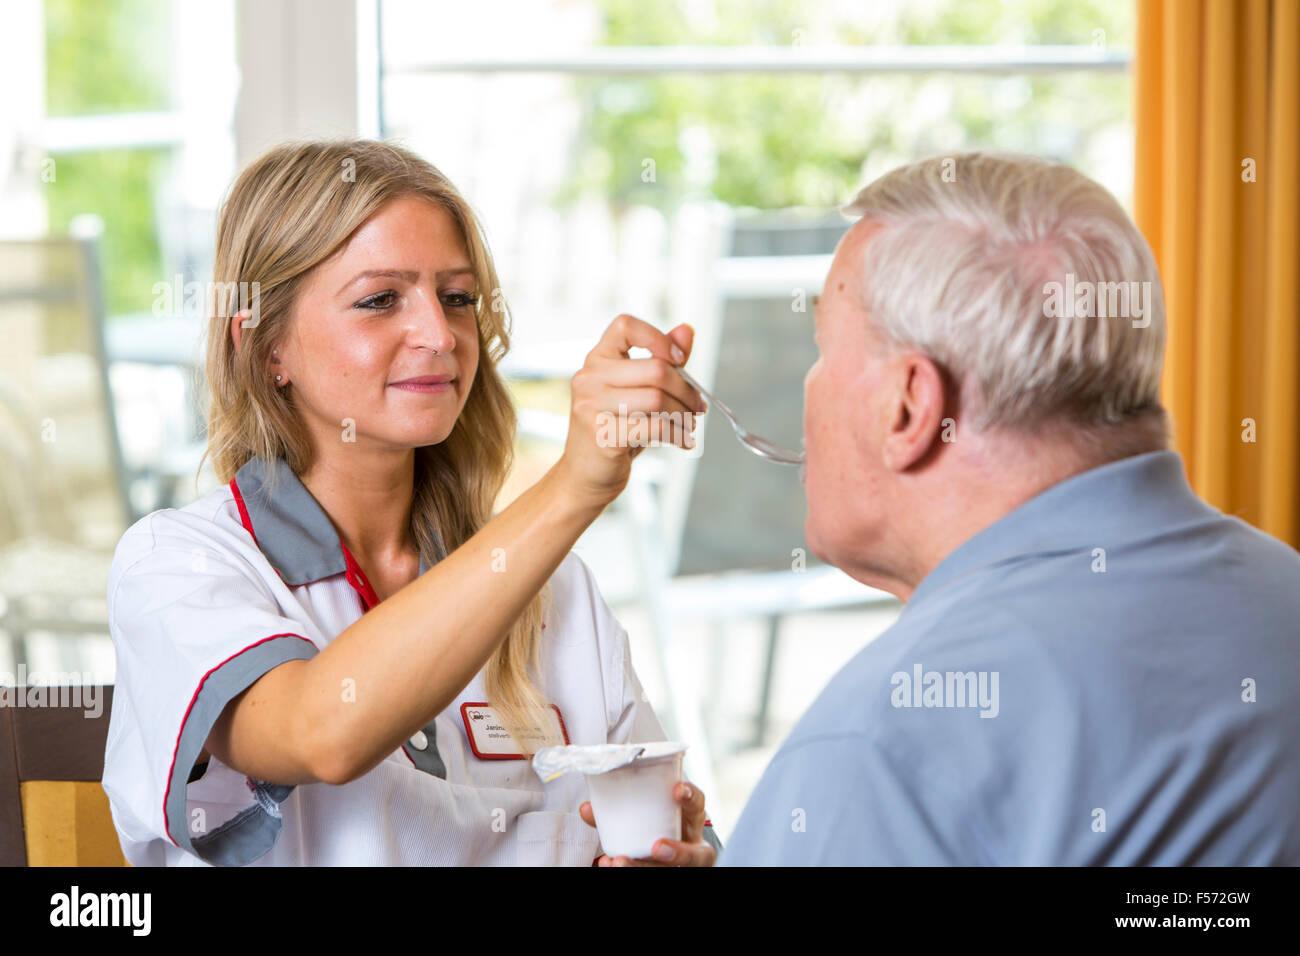 Pflege im Altenheim, Pflege im Altenheim, Altenpflegerin betreut ältern Mann, Hilfe beim essen Stock Photo